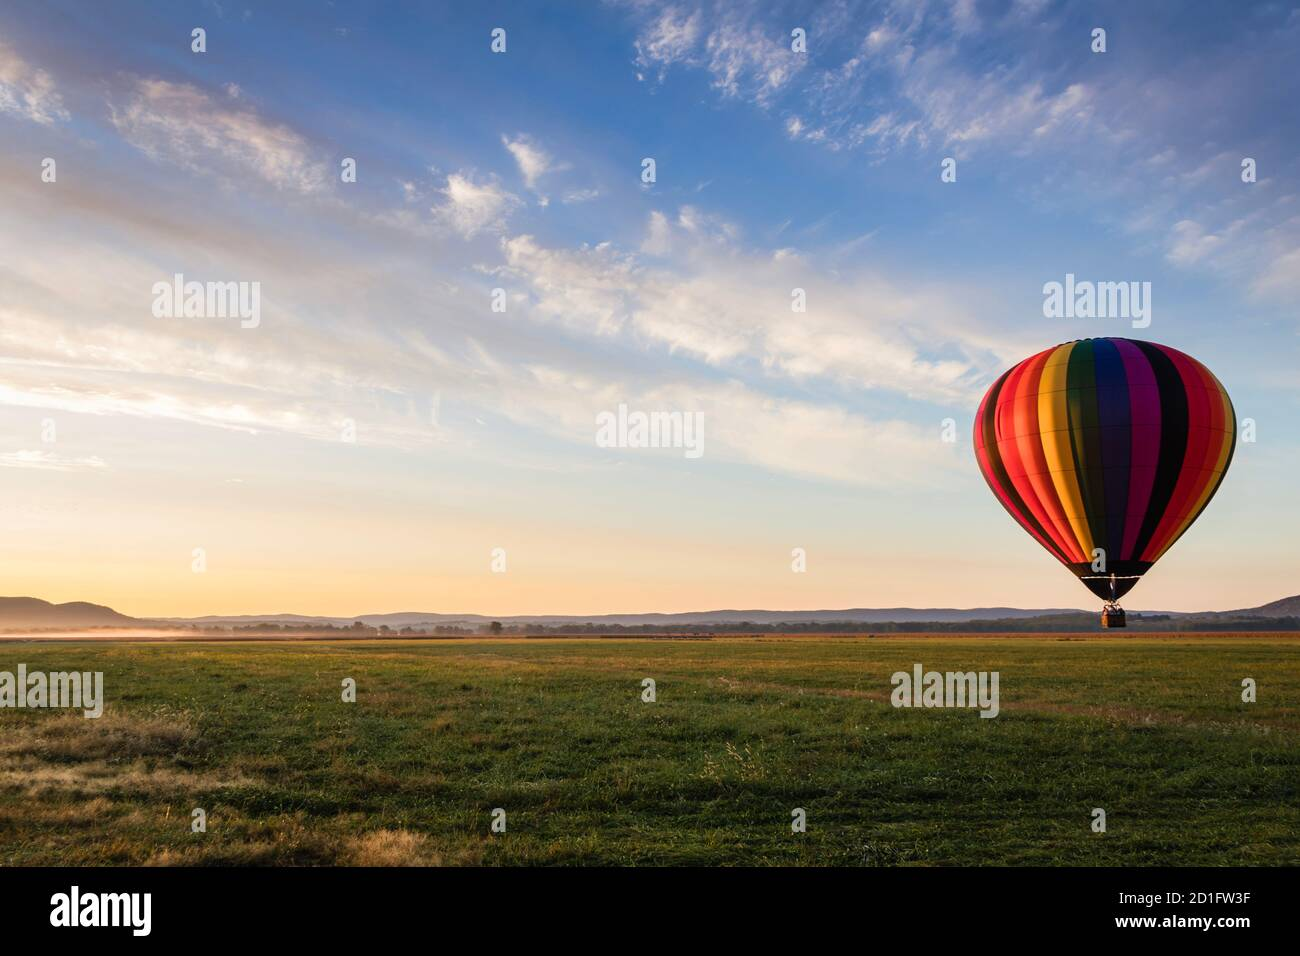 Le ballon d'air chaud dans des bandes arc-en-ciel colorées commence l'ascension champ de ferme au soleil se lève ciel bleu ciel nuageux Banque D'Images